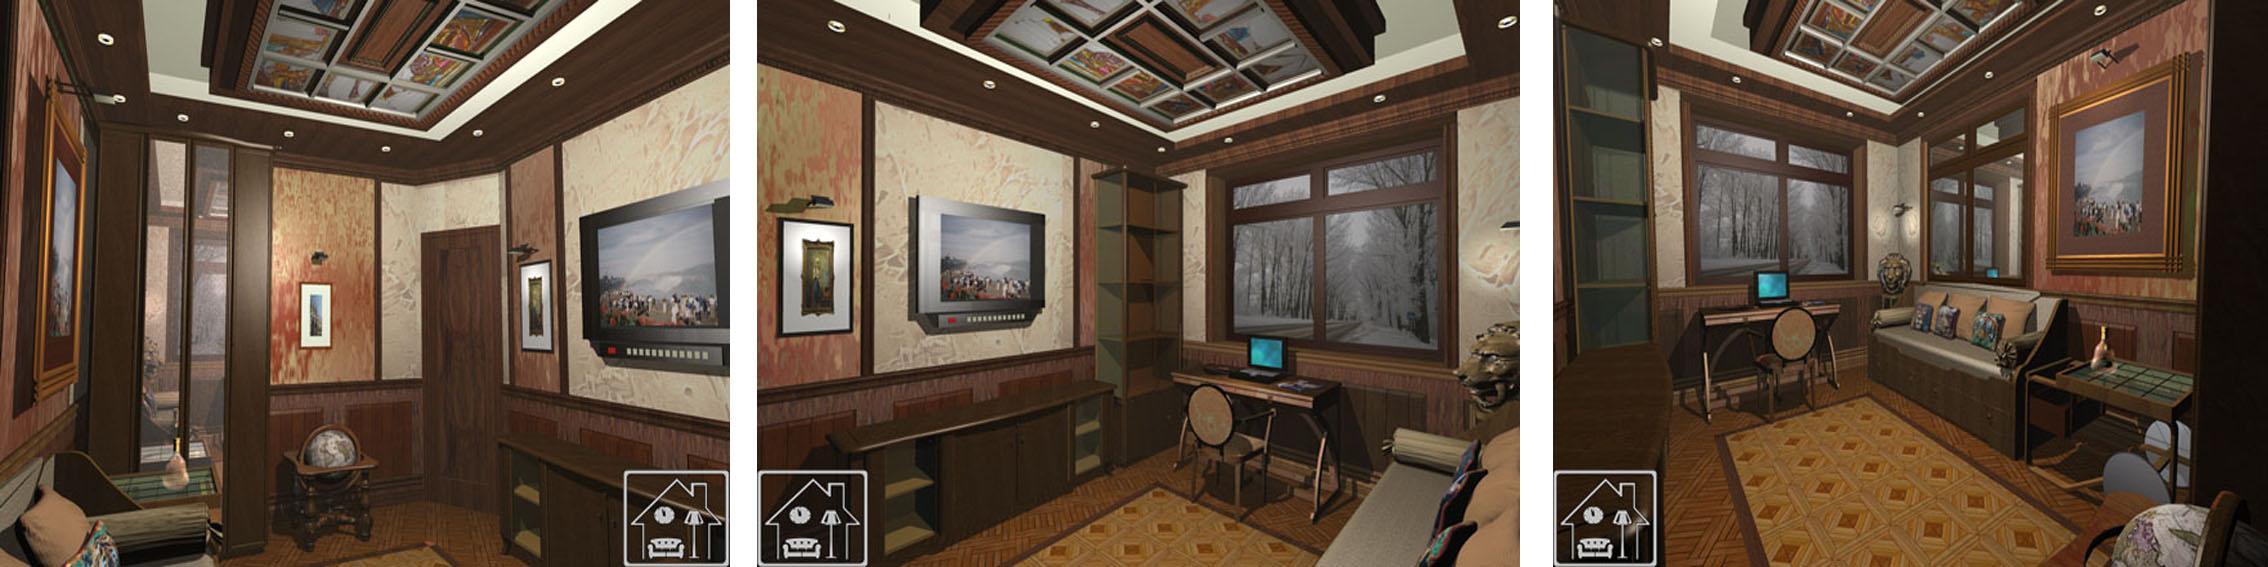 Кабинет в Английском стиле_Витраж в потолке 4